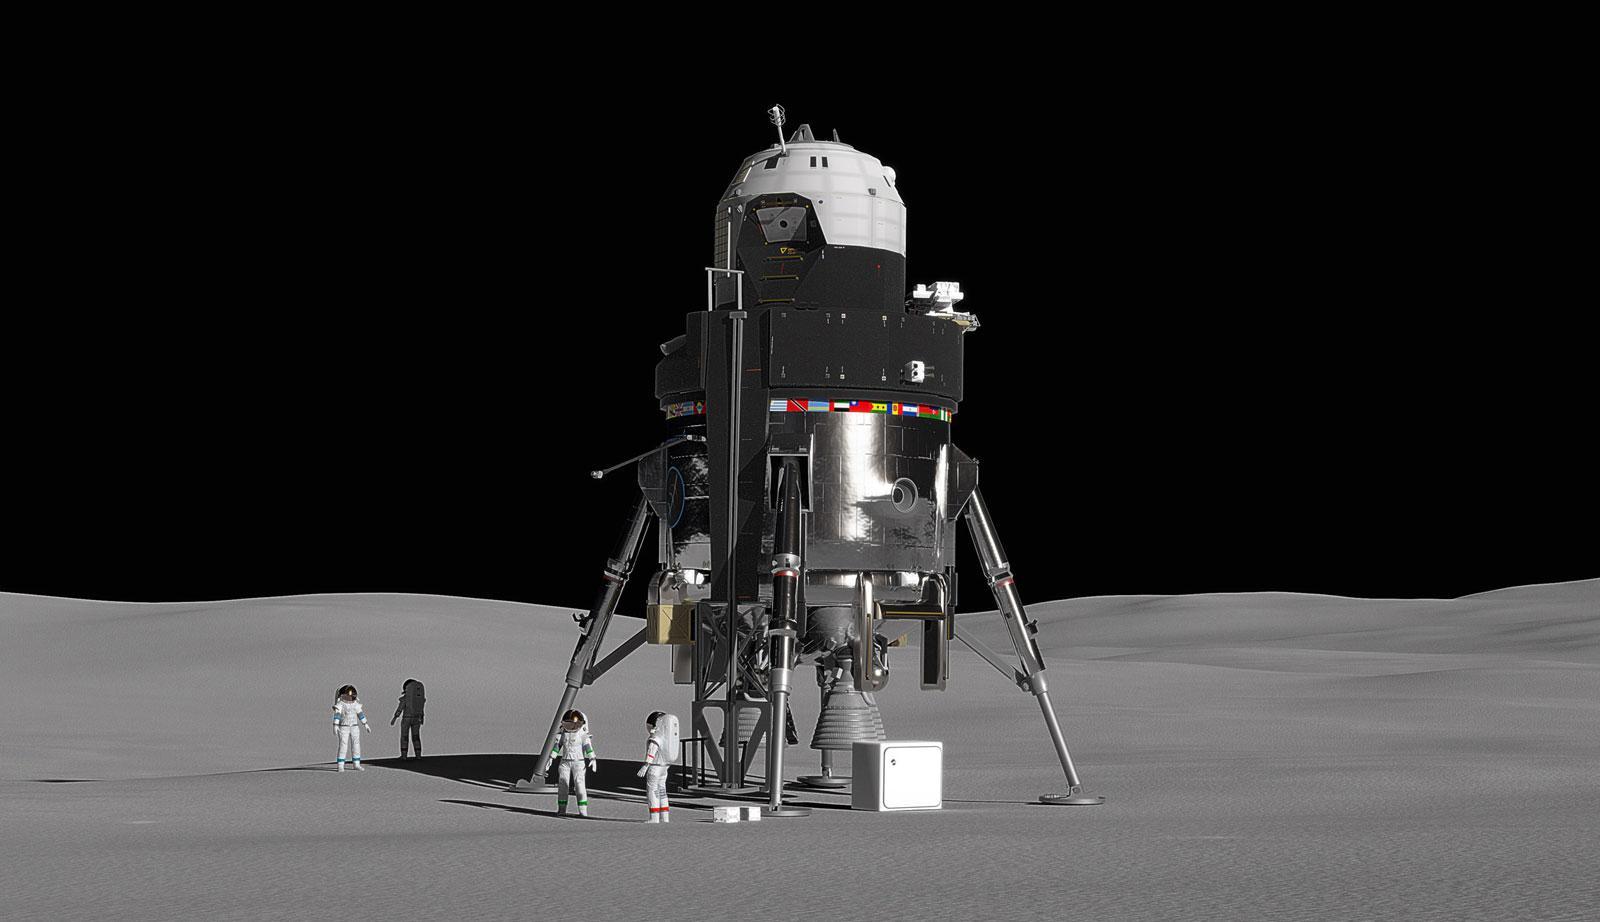 洛马展示概念登月舱:能运送4名宇航员+重复使用